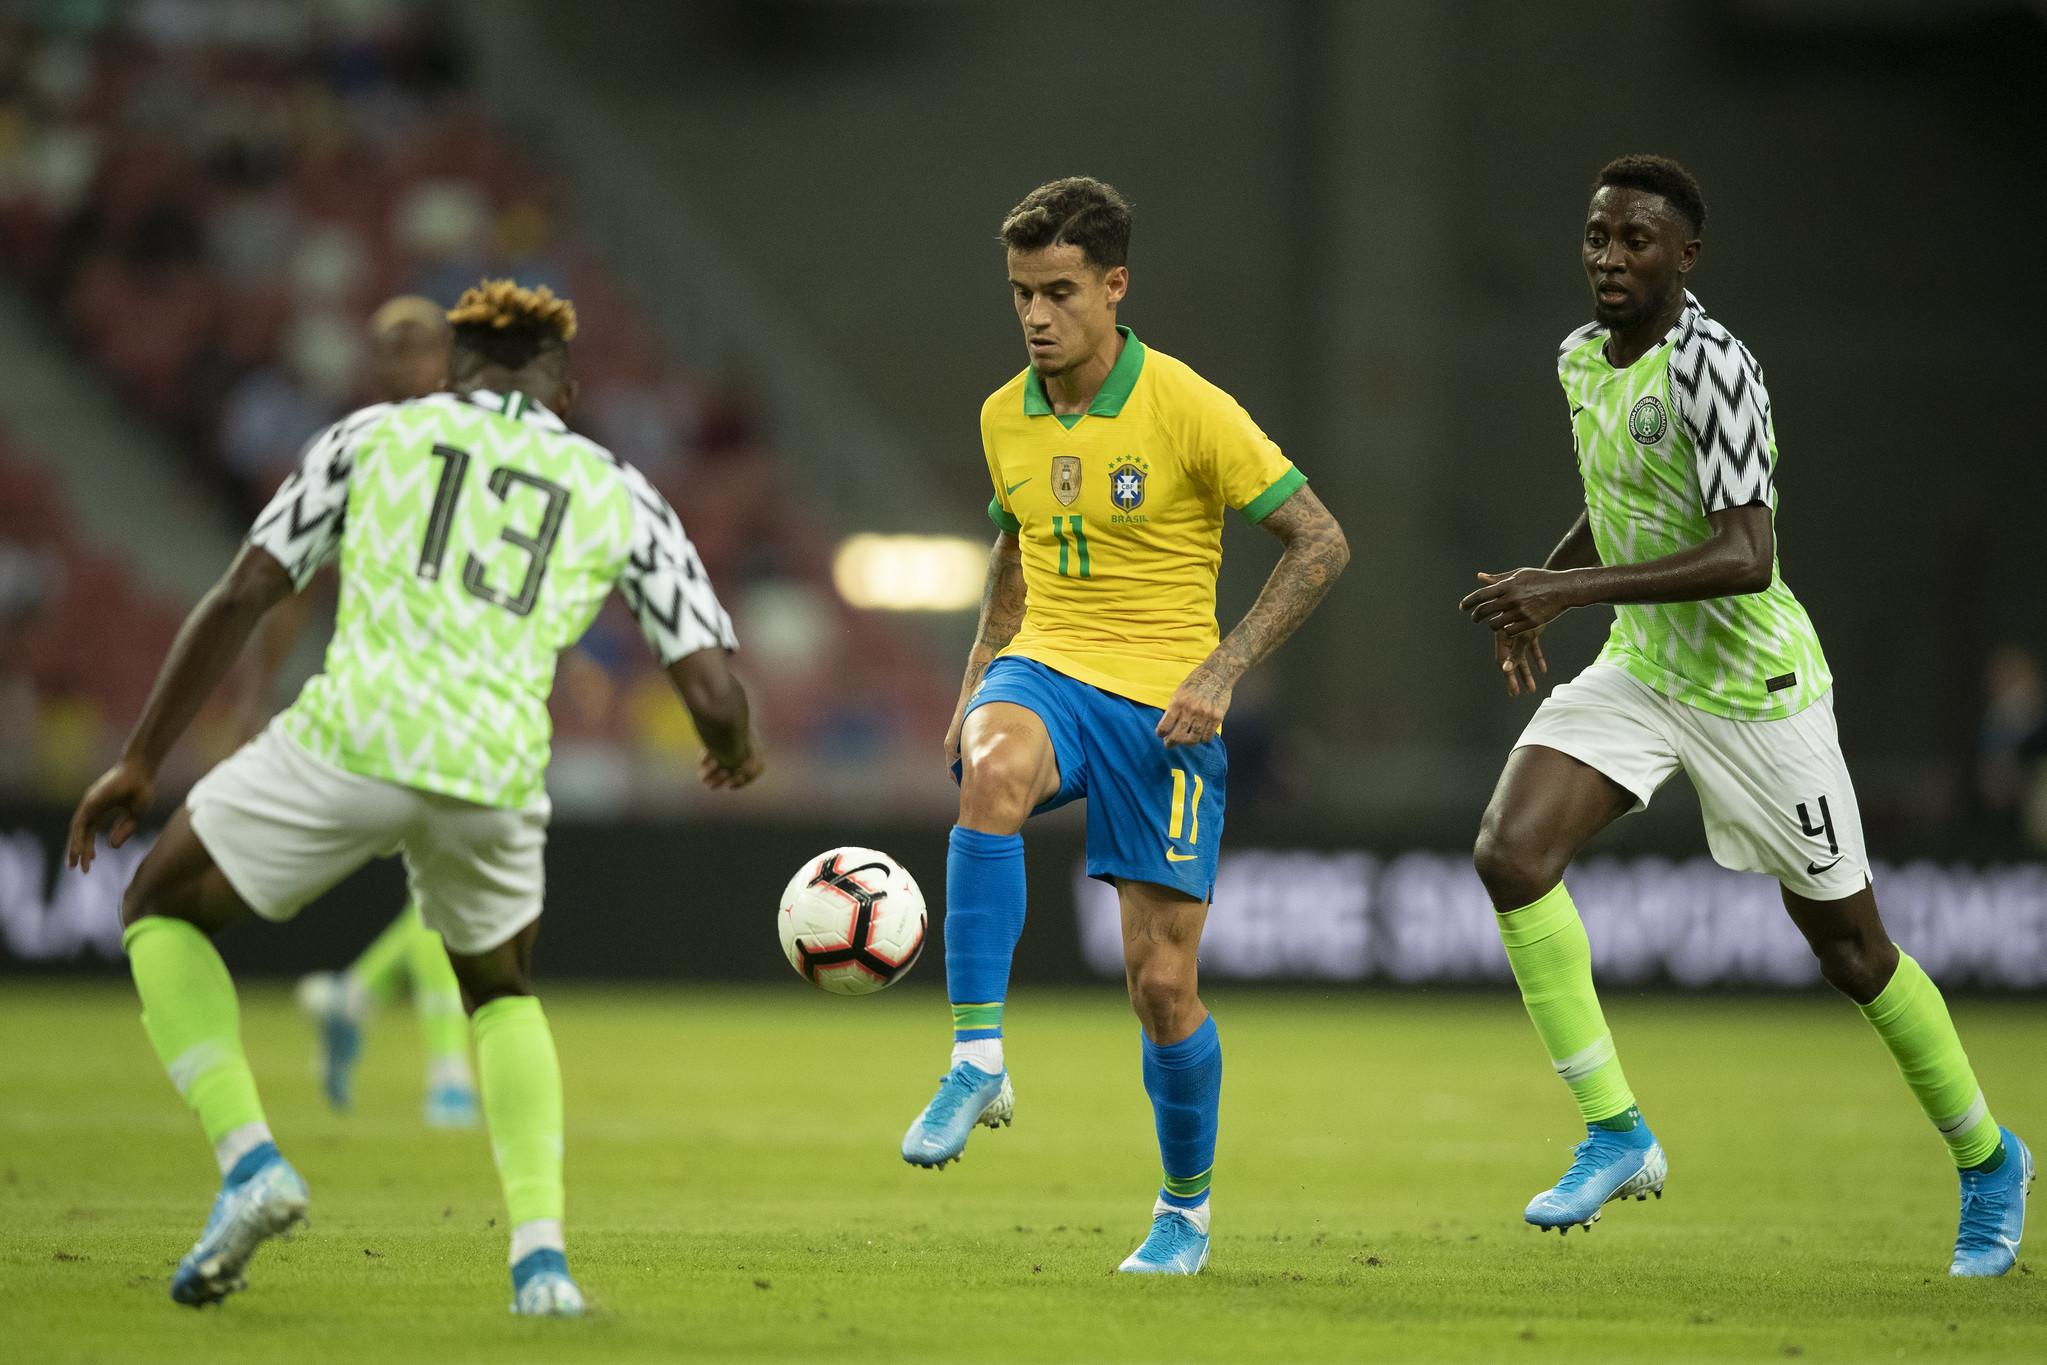 Aos 40 minutos do segundo tempo, Philippe Coutinho (foto) teve a chance de virar a partida mas viu a zaga nigeriana impedir o gol. Foto: Lucas Figueiredo/CBF